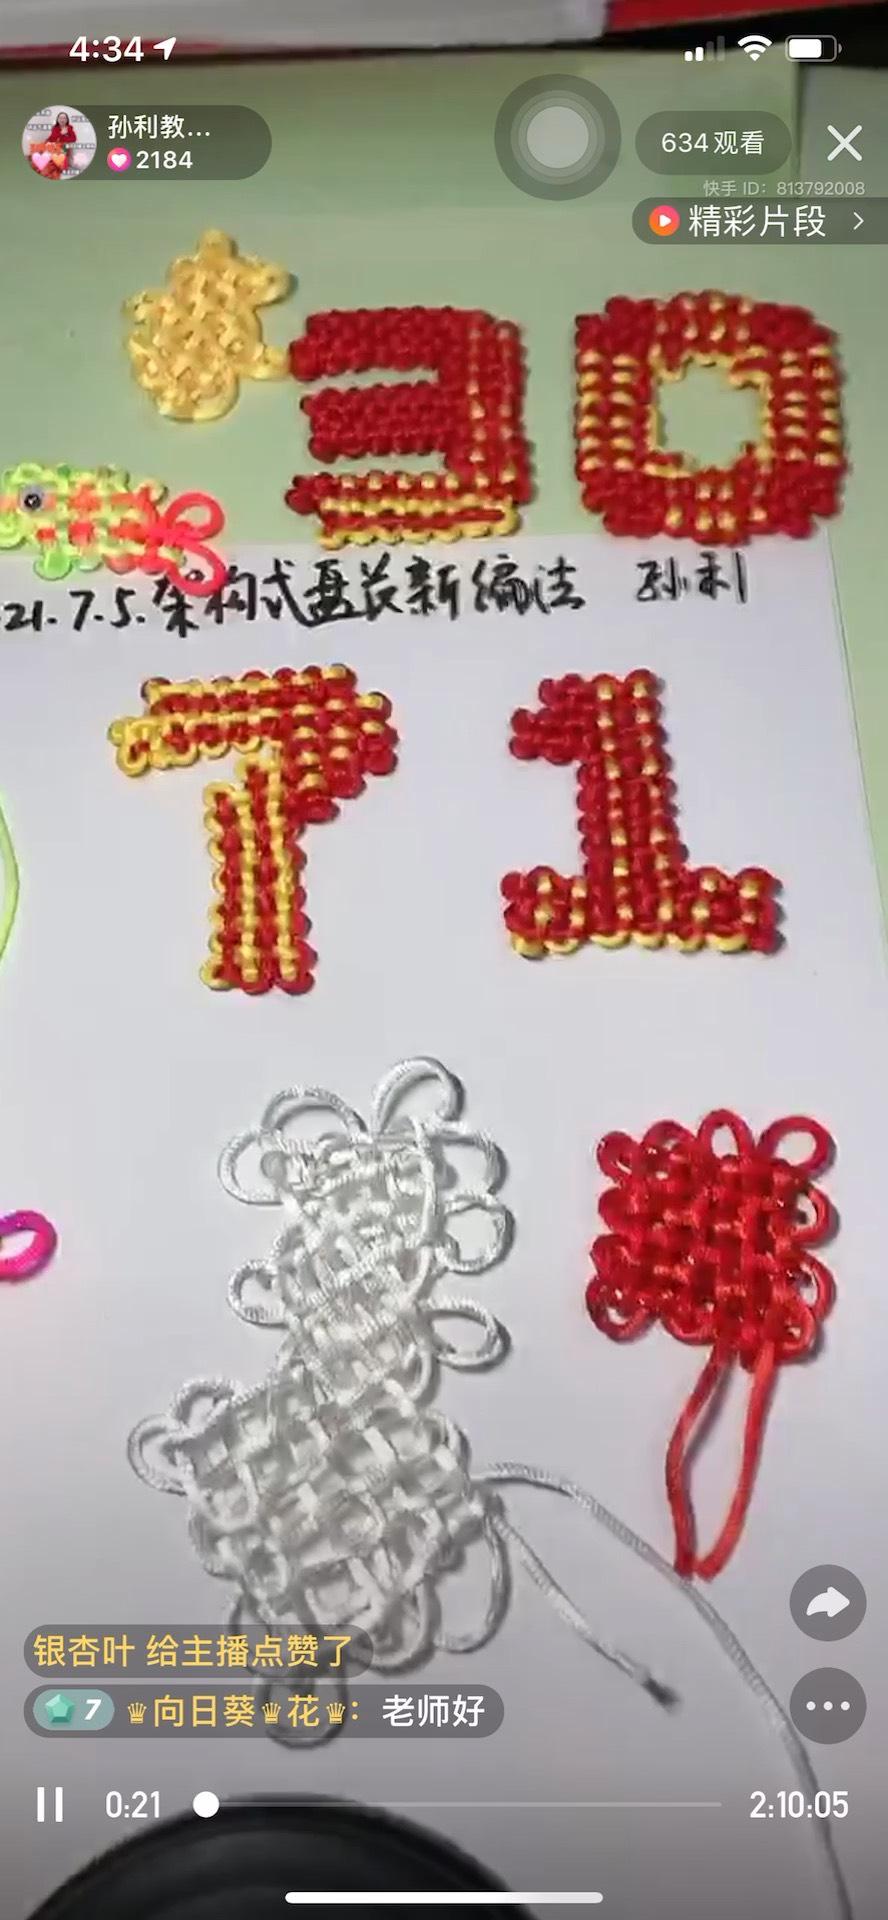 中国结论坛 最新推荐~推广~架构式盘长新编法 适合小学生编的中国结,一步一步教你编中国结,复翼宝结的打法图解,十二道盘长结编法口诀 图文教程区 165256kz2nfaya219abff9